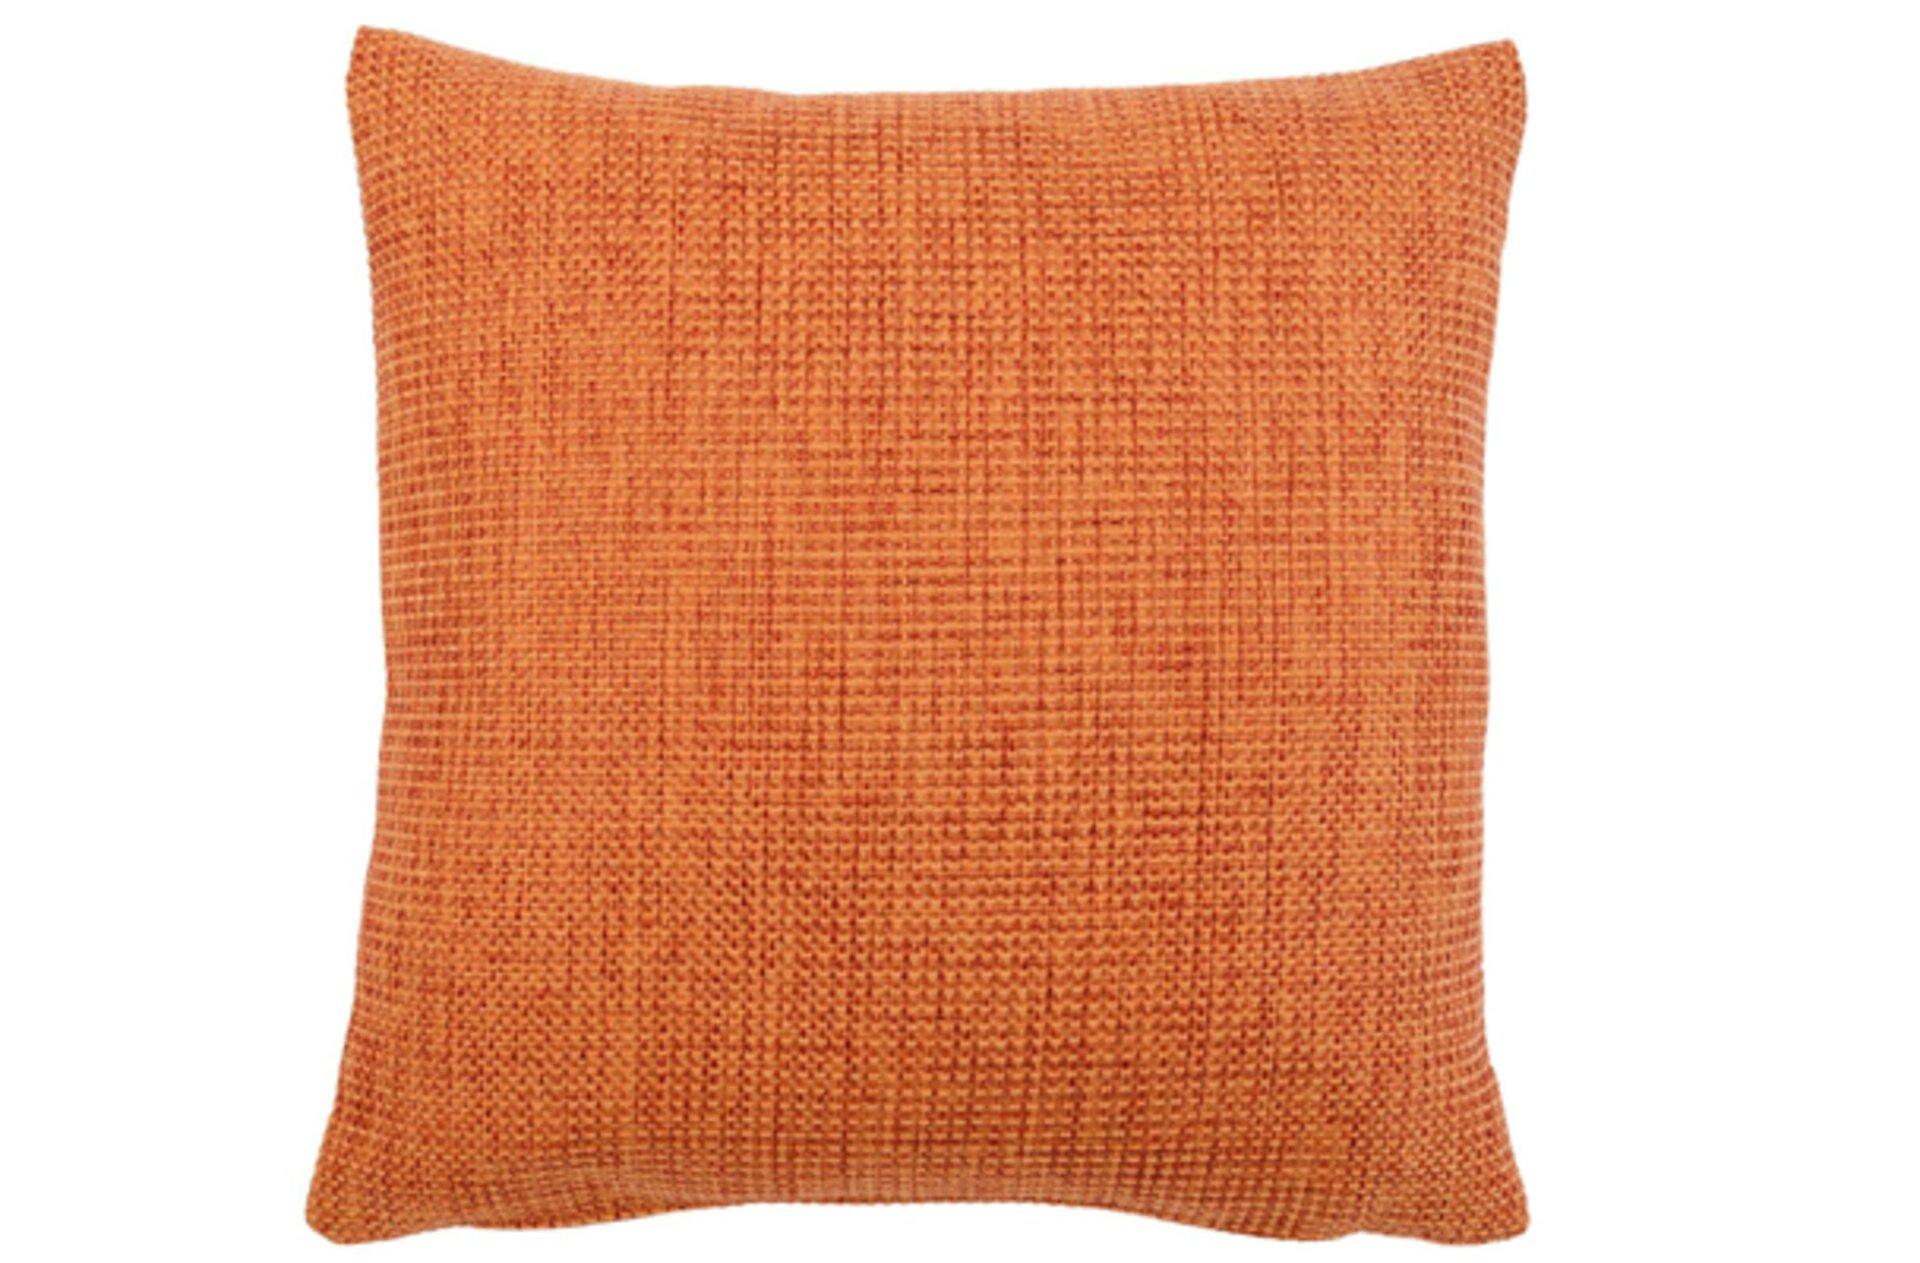 Oranges Kissen als Beispiel für Komplementärfarbe